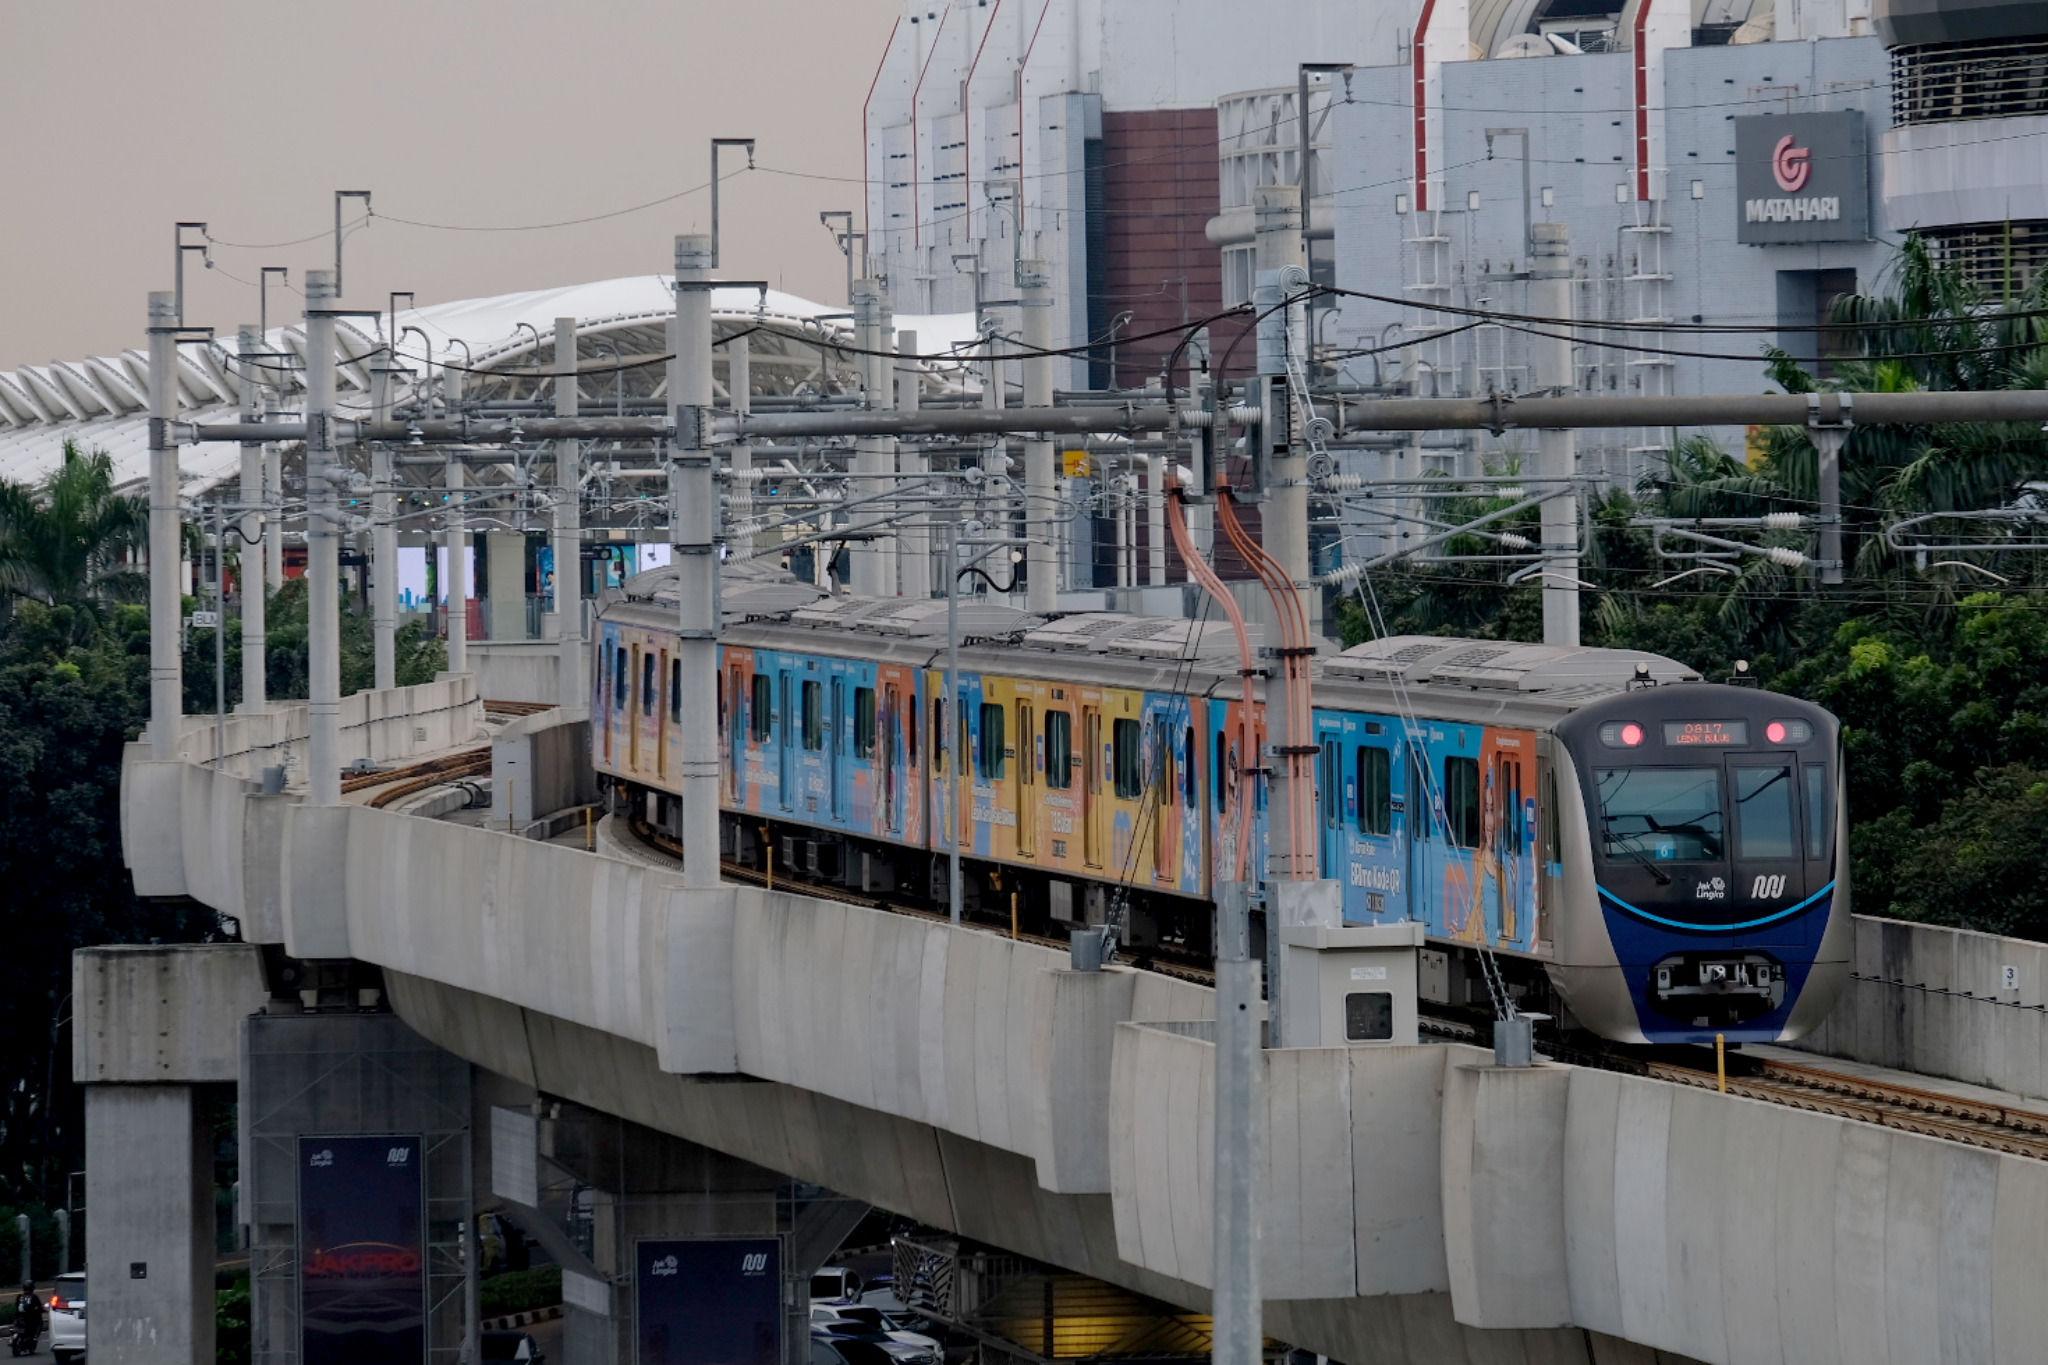 Jakarta Mulai Longgar, Jumlah Penumpang MRT Meroket 145 Persen selama PPKM Level 3